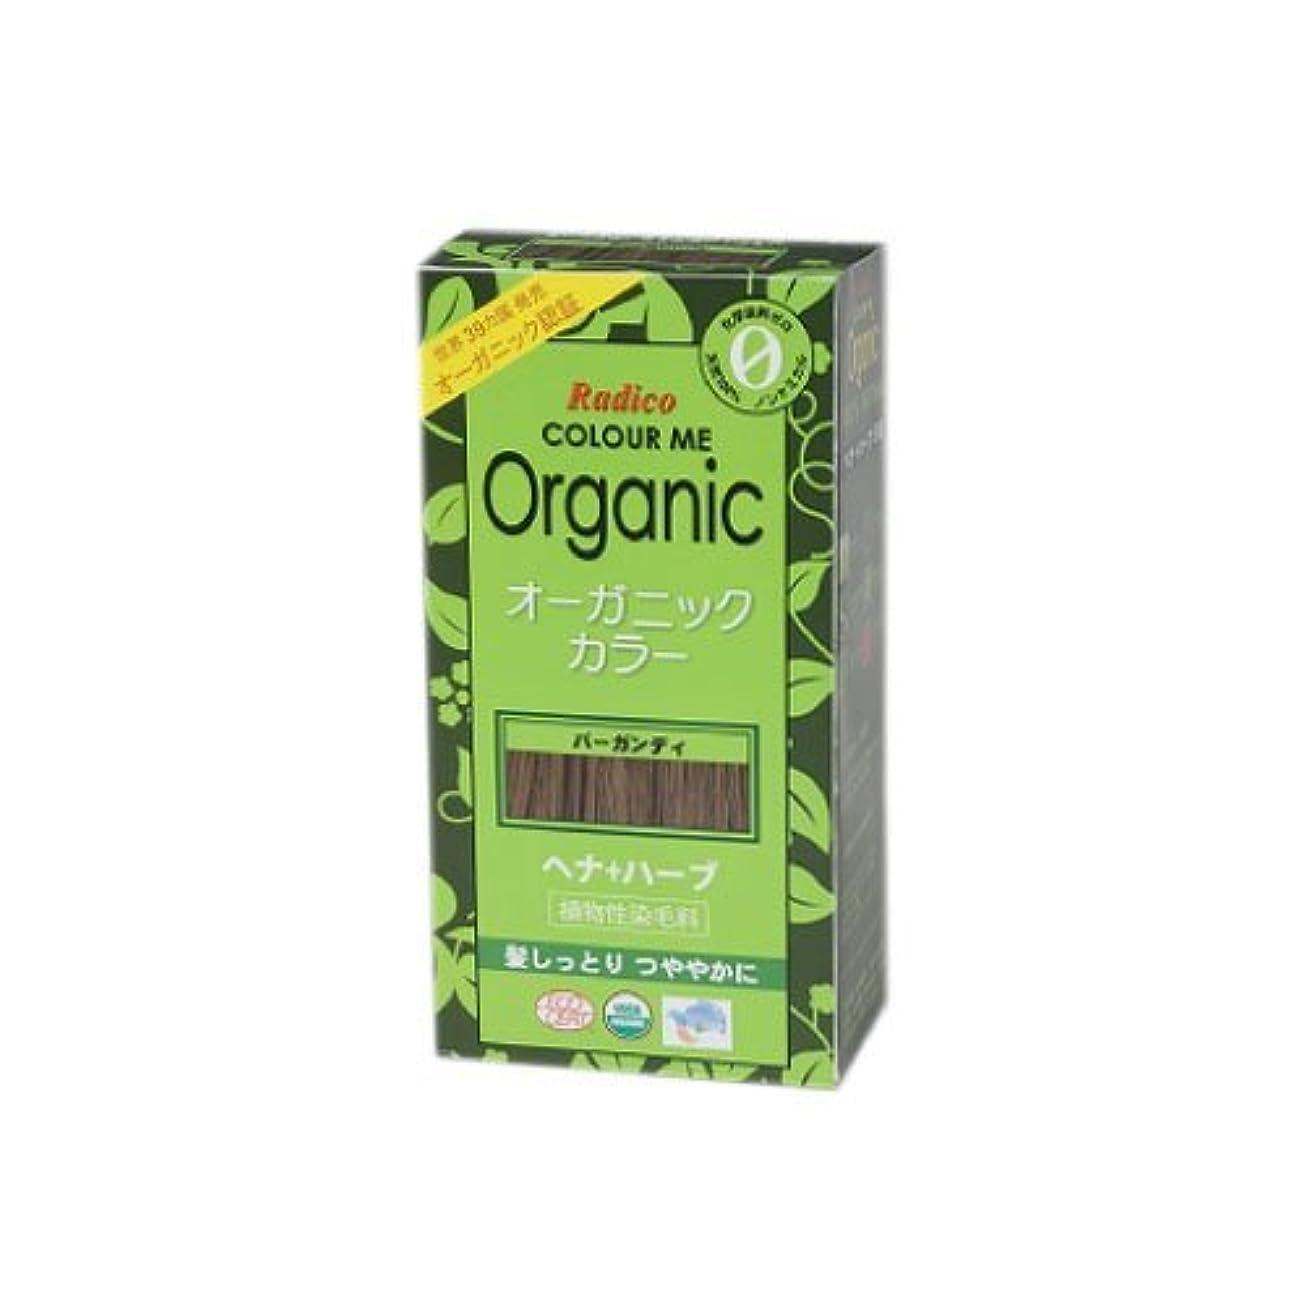 削除するトリプルサンプルCOLOURME Organic (カラーミーオーガニック ヘナ 白髪用) バーガンディ 100g